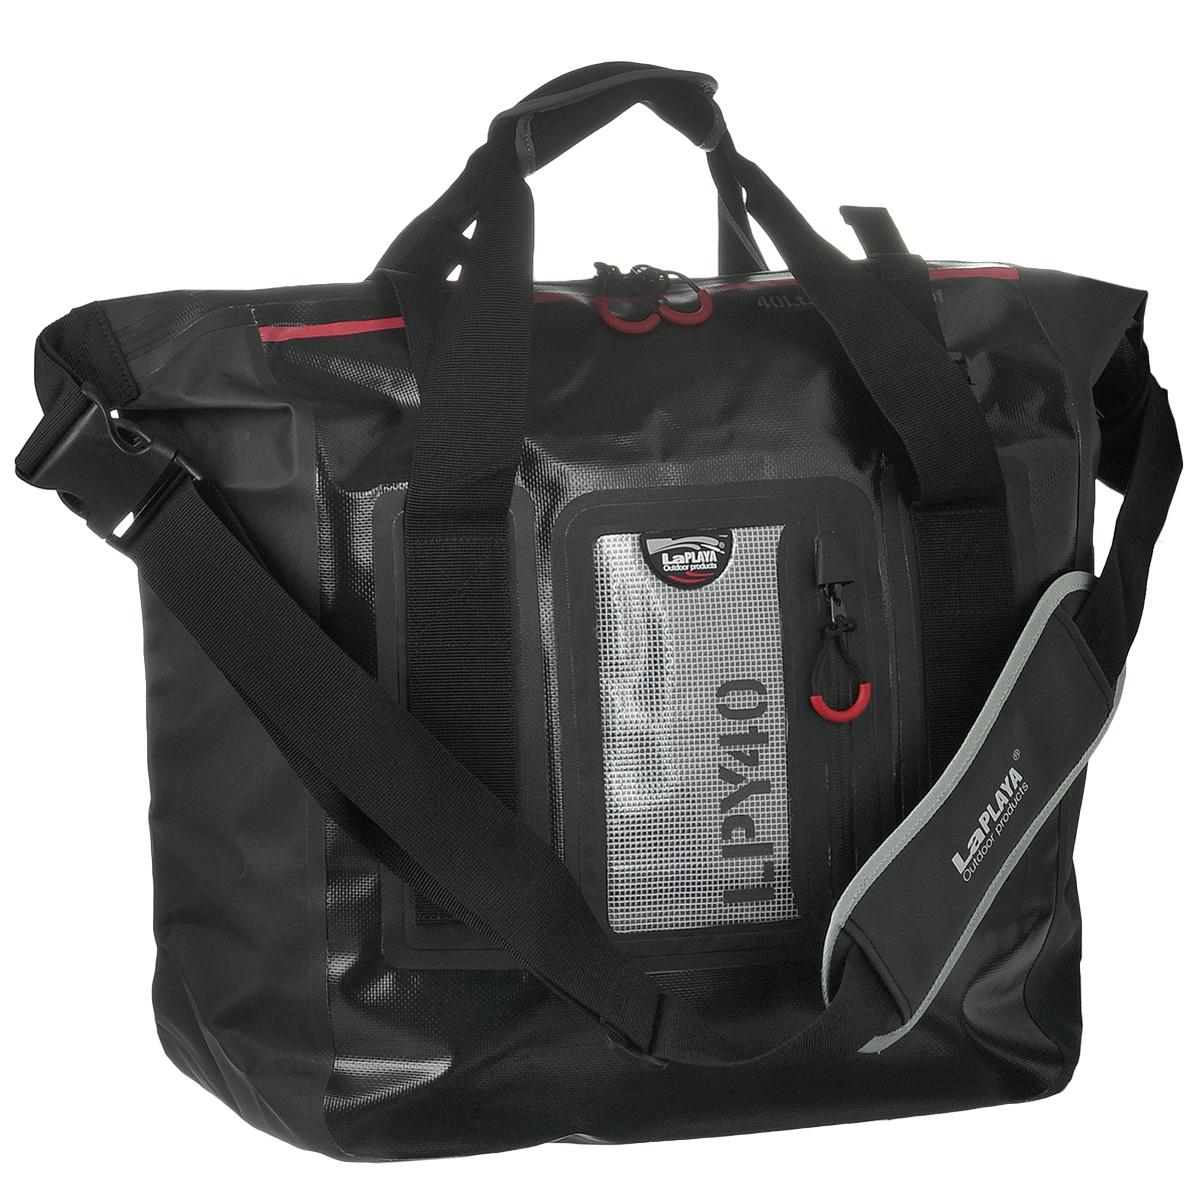 Сумка водонепроницаемая LaPlaya Square Bag, цвет: черный, 40 лTrevira ThermoВодонепроницаемая сумка LaPlaya Square Bag - незаменимая вещь для любителей туристических походов, кемпингов и отдыха на природе. Сумка выполнена из ПВХ (брезент + сетка). Метод термосварки швов обеспечивает 100% герметичность. Сумка имеет одно вместительное отделение, которое закрывается на водонепроницаемую молнию. Внутри содержится вшитый карман на молнии и 2 сетчатых кармашка. С лицевой стороны сумки расположен прозрачный карман, также с водонепроницаемой молнией, удобный для хранения документов, билетов и других бумаг. Сумка компактная, практичная и очень удобная, она снабжена плечевым ремнем с мягкой вставкой для плеча, а также двумя ручками. На ручках и ремне имеются светоотражающие элементы. Такая сумка - просто находка для экстремалов и любителей проводить много времени на открытом воздухе. LaPlaya DRY BAG - это функциональный и минималистичный дизайн, прочный материал и высокое качество технологии производства. Это все, что необходимо для выбора идеального партнера в вопросе экипировки для активного отдыха, открытых спортивных мероприятий и настоящих приключений, не зависящих от погодных условий.